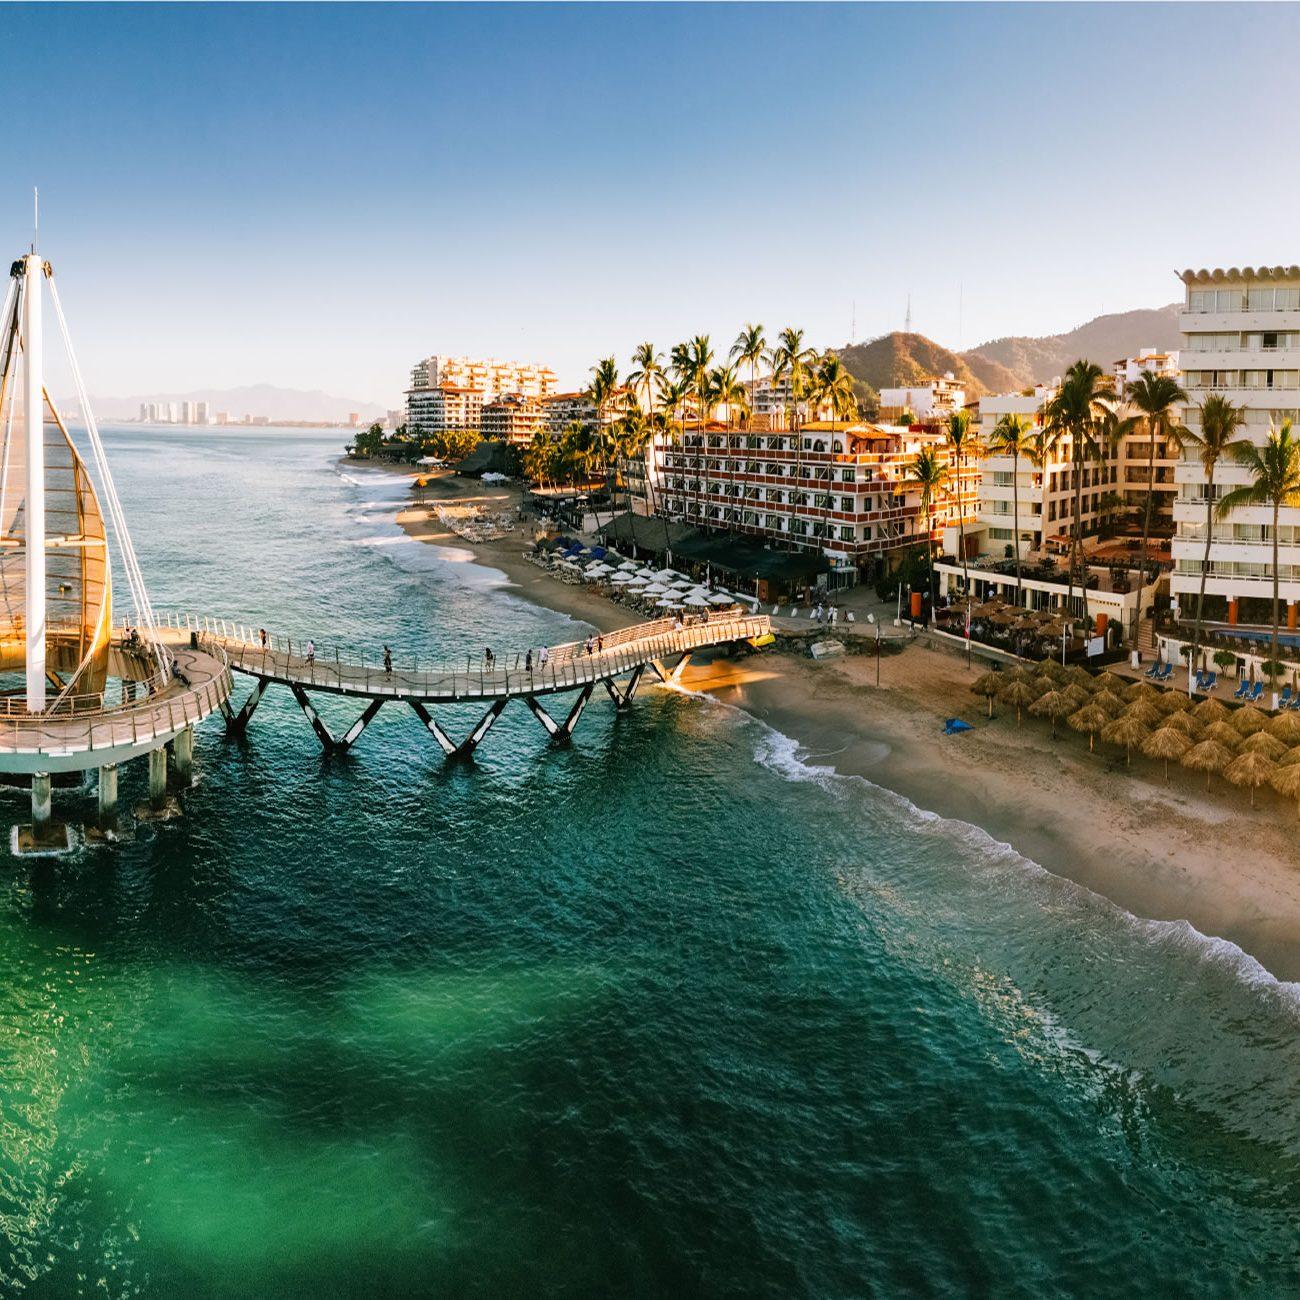 Puerto-Vallarta-reabre-playas-y-hoteles-HOME-3